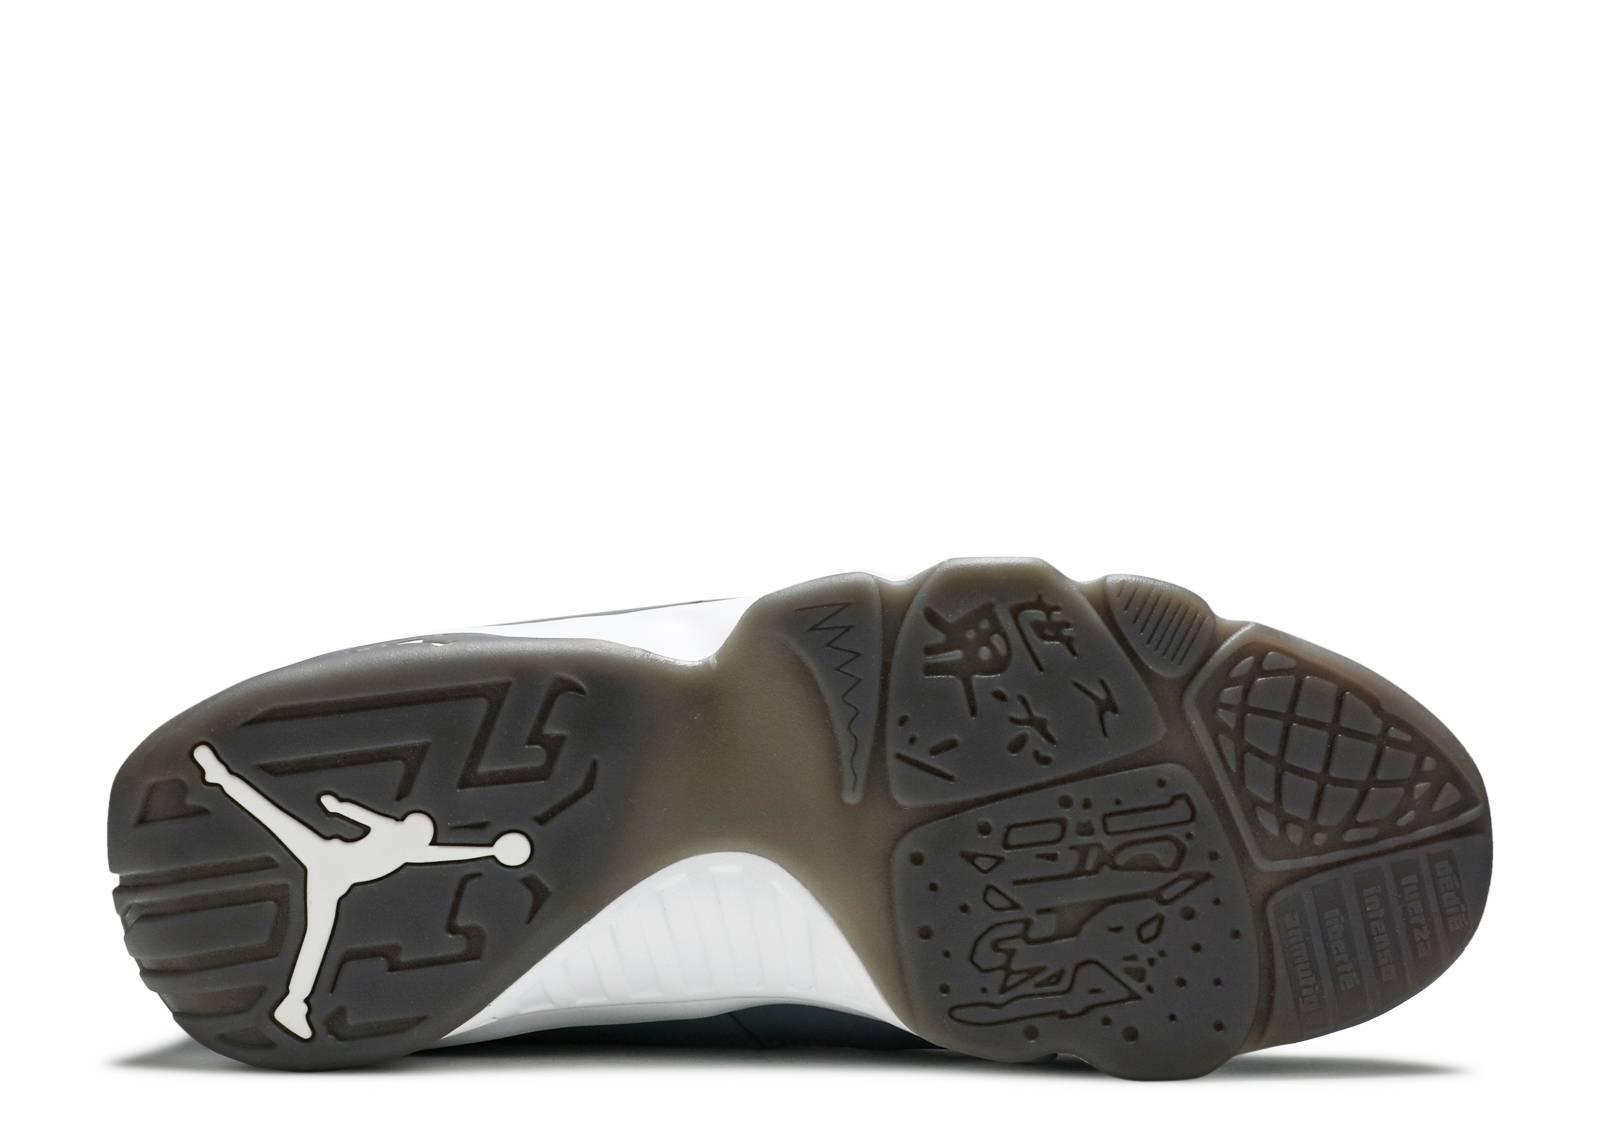 air jordan 9 retro \u0026quot;cool grey 2012 release\u0026quot;